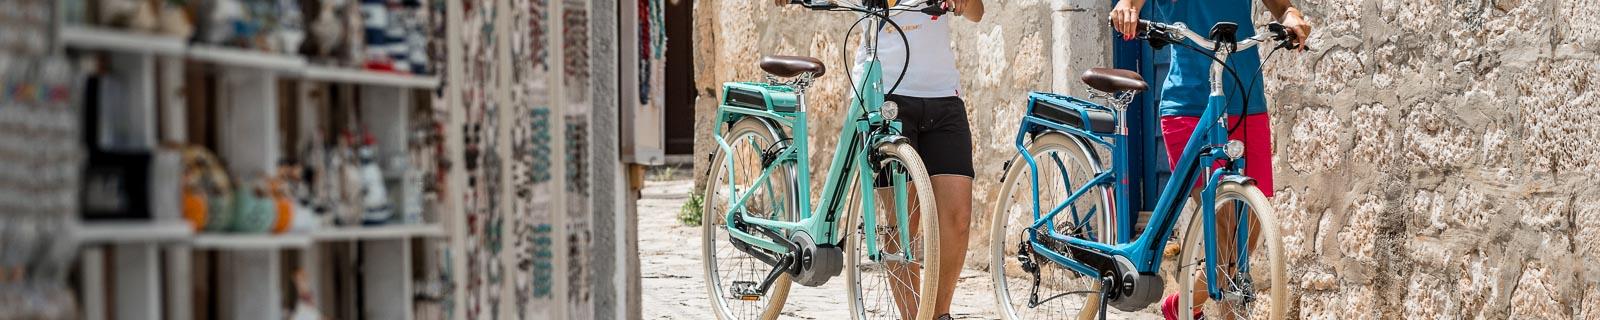 Bicicleta de trekking Retro y Vintage